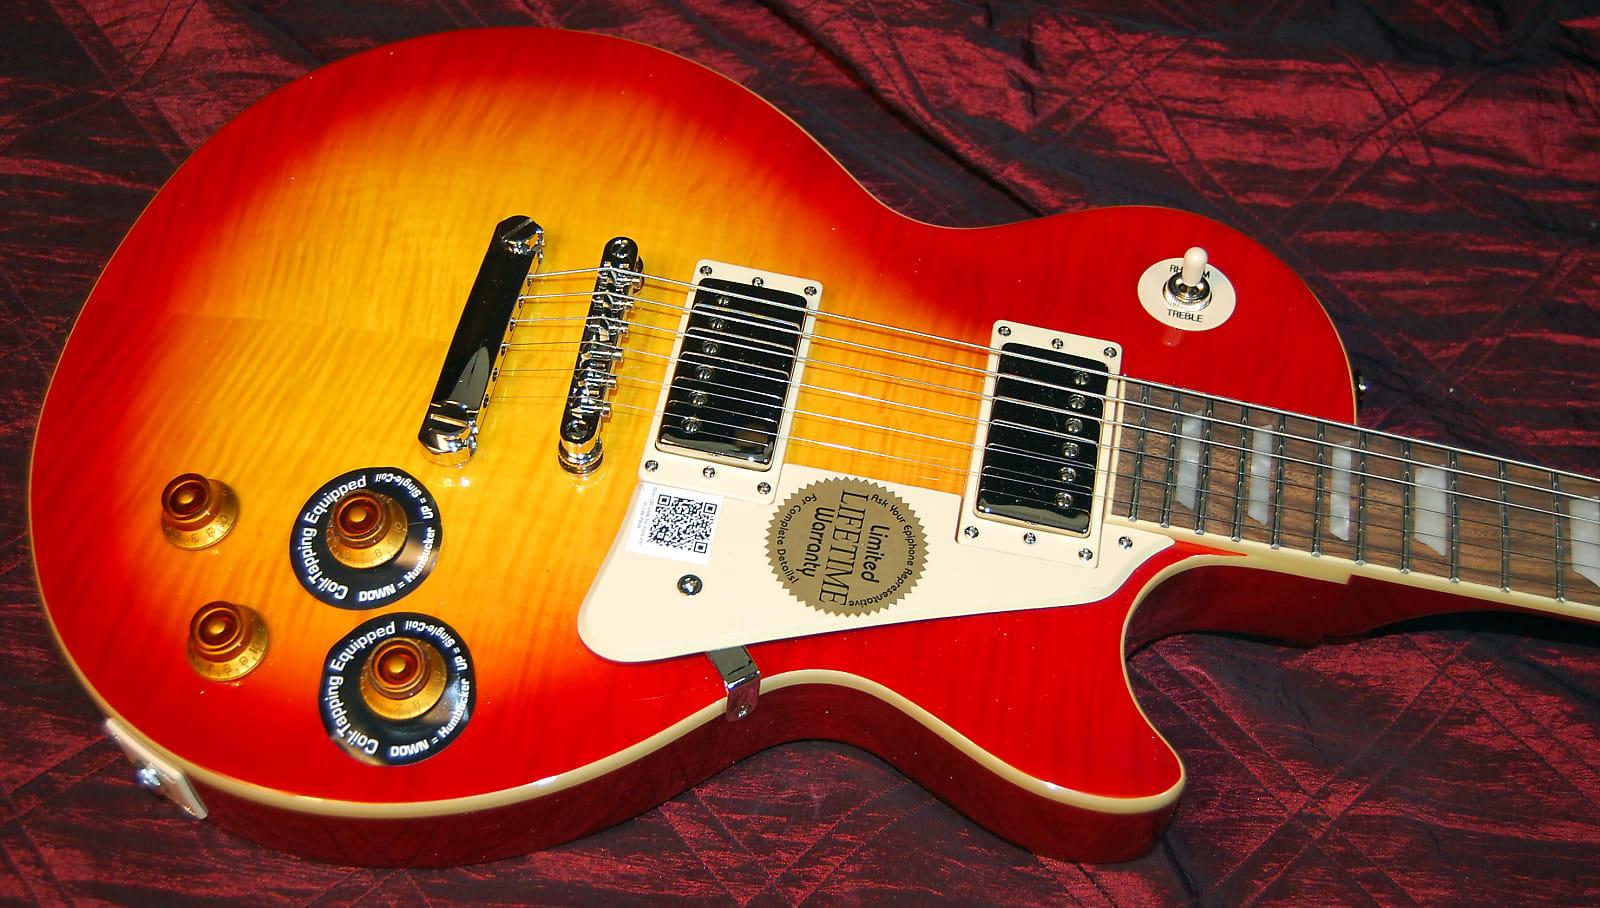 MINTY! Epiphone Les Paul Standard Plustop PRO Electric Guitar Honey Burst  Authorized Dealer SAVE BIG